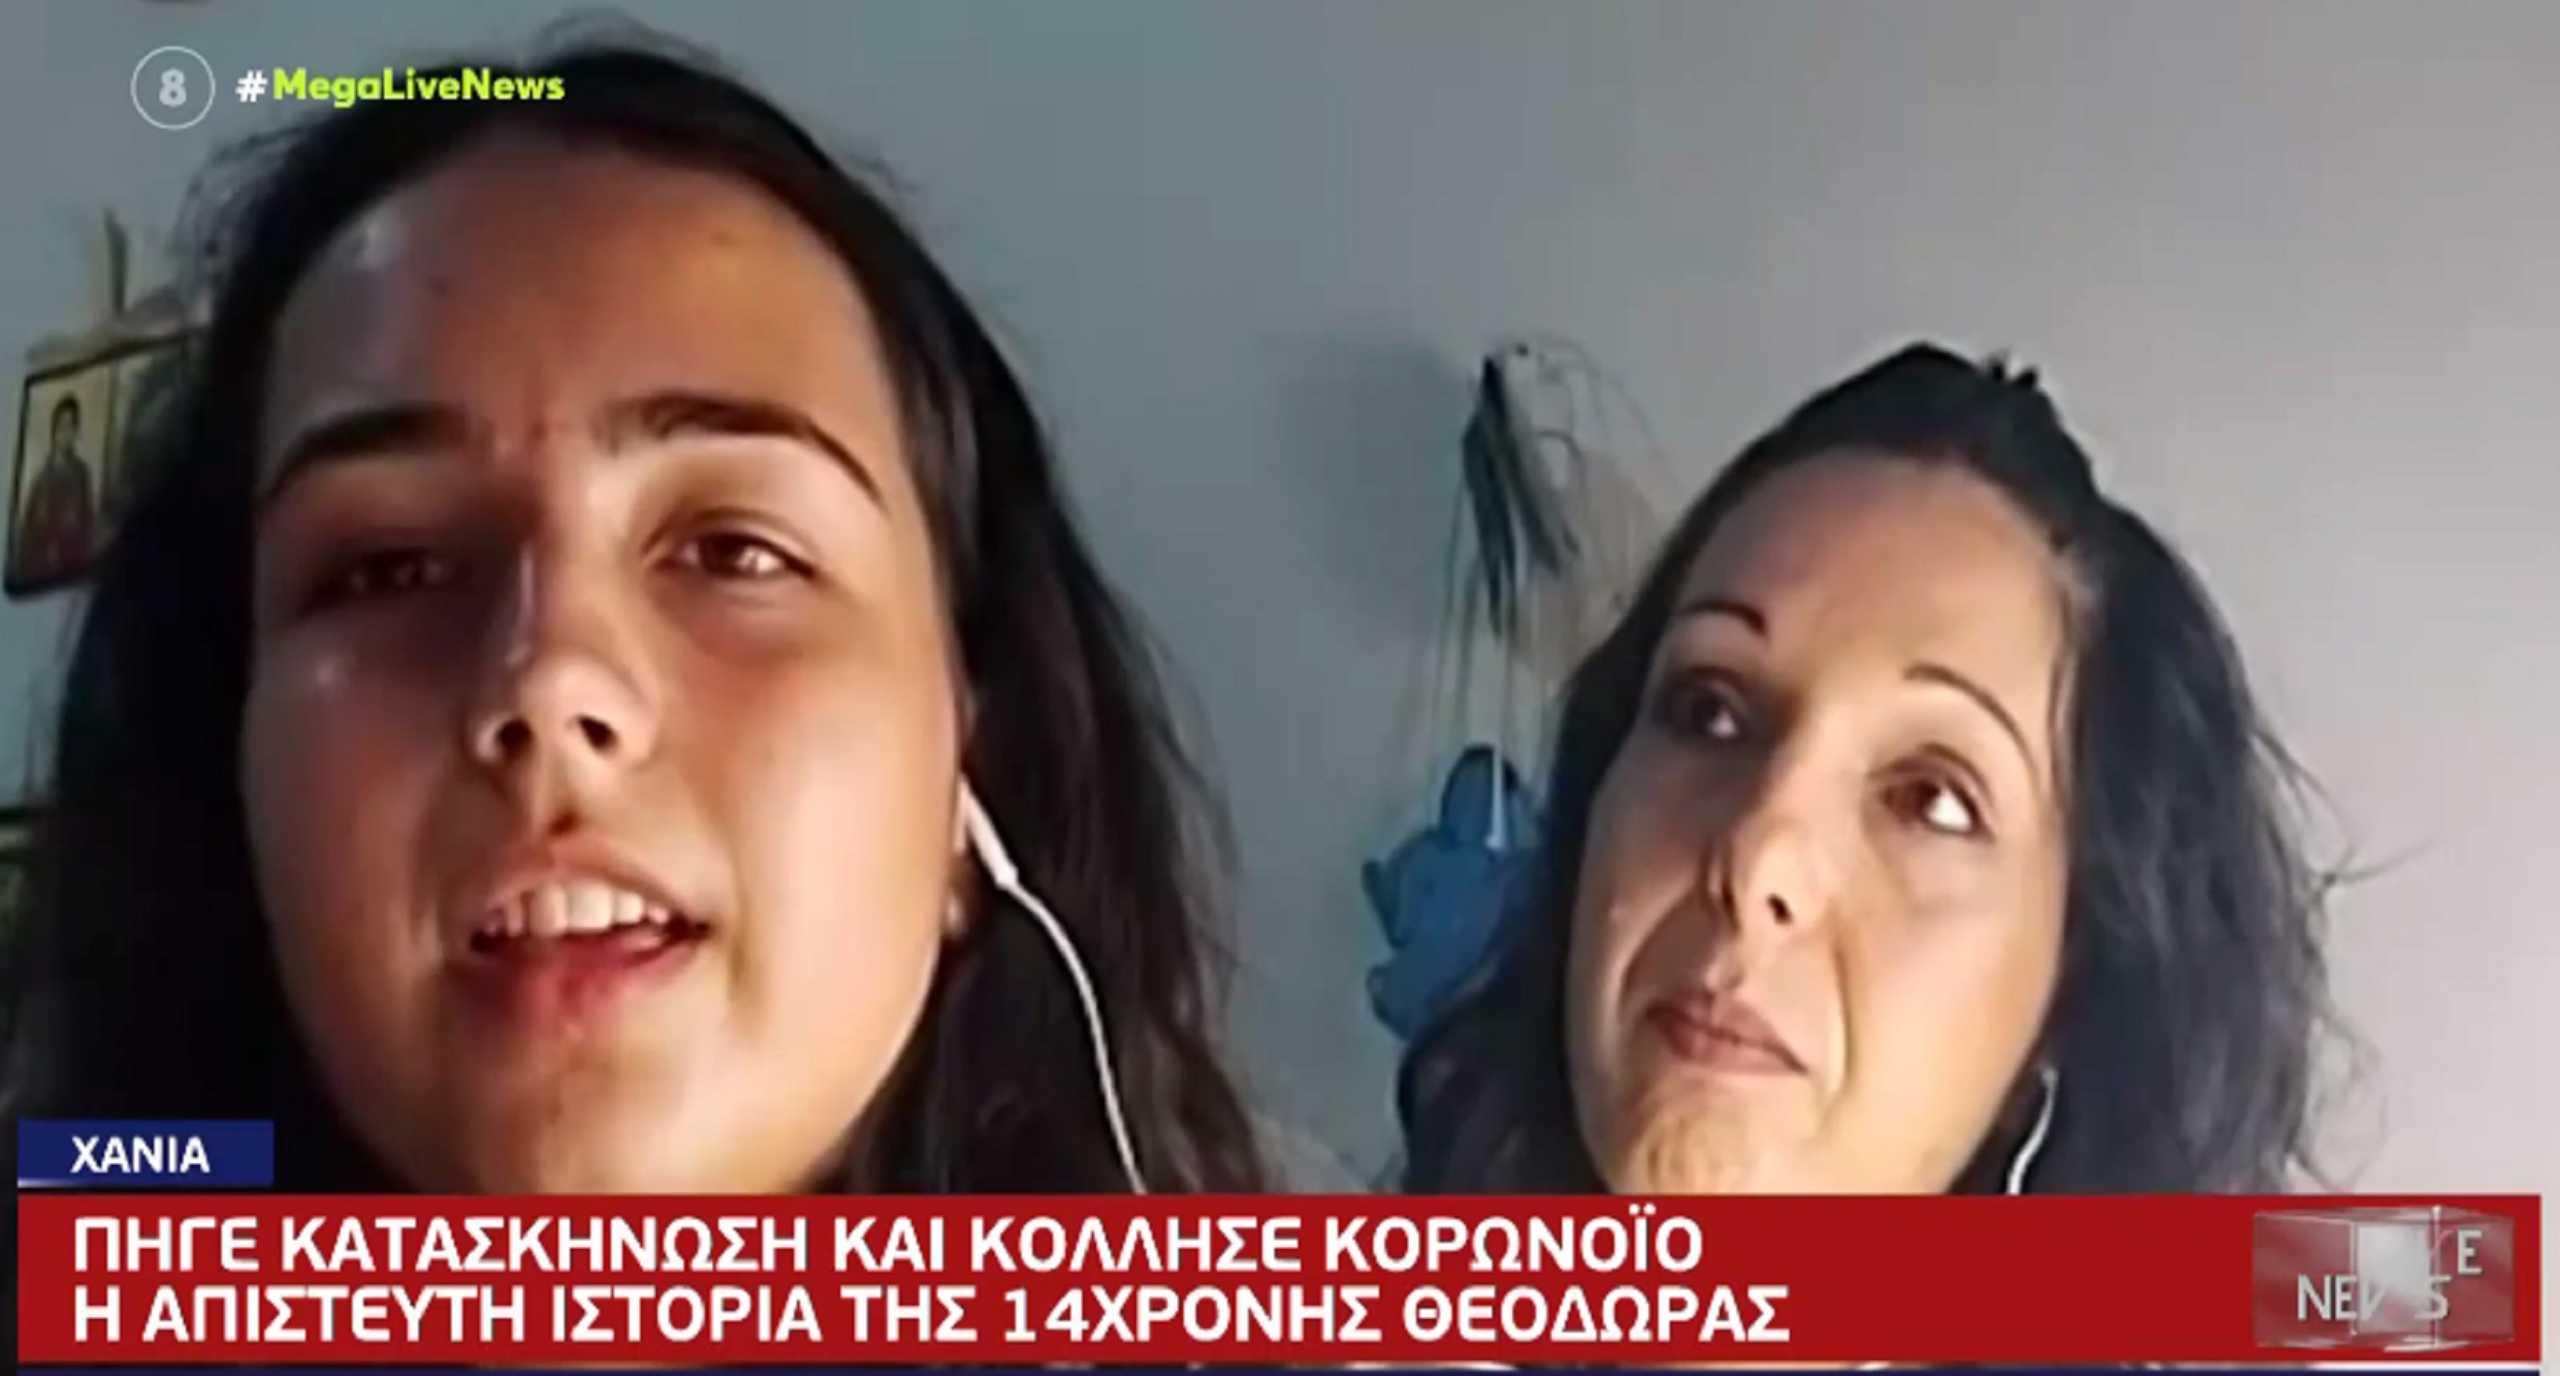 Κορονοϊός: «Πως κόλλησα τη μετάλλαξη Δέλτα» – Τι λέει στο Live News η 14χρονη που νόσησε στην κατασκήνωση